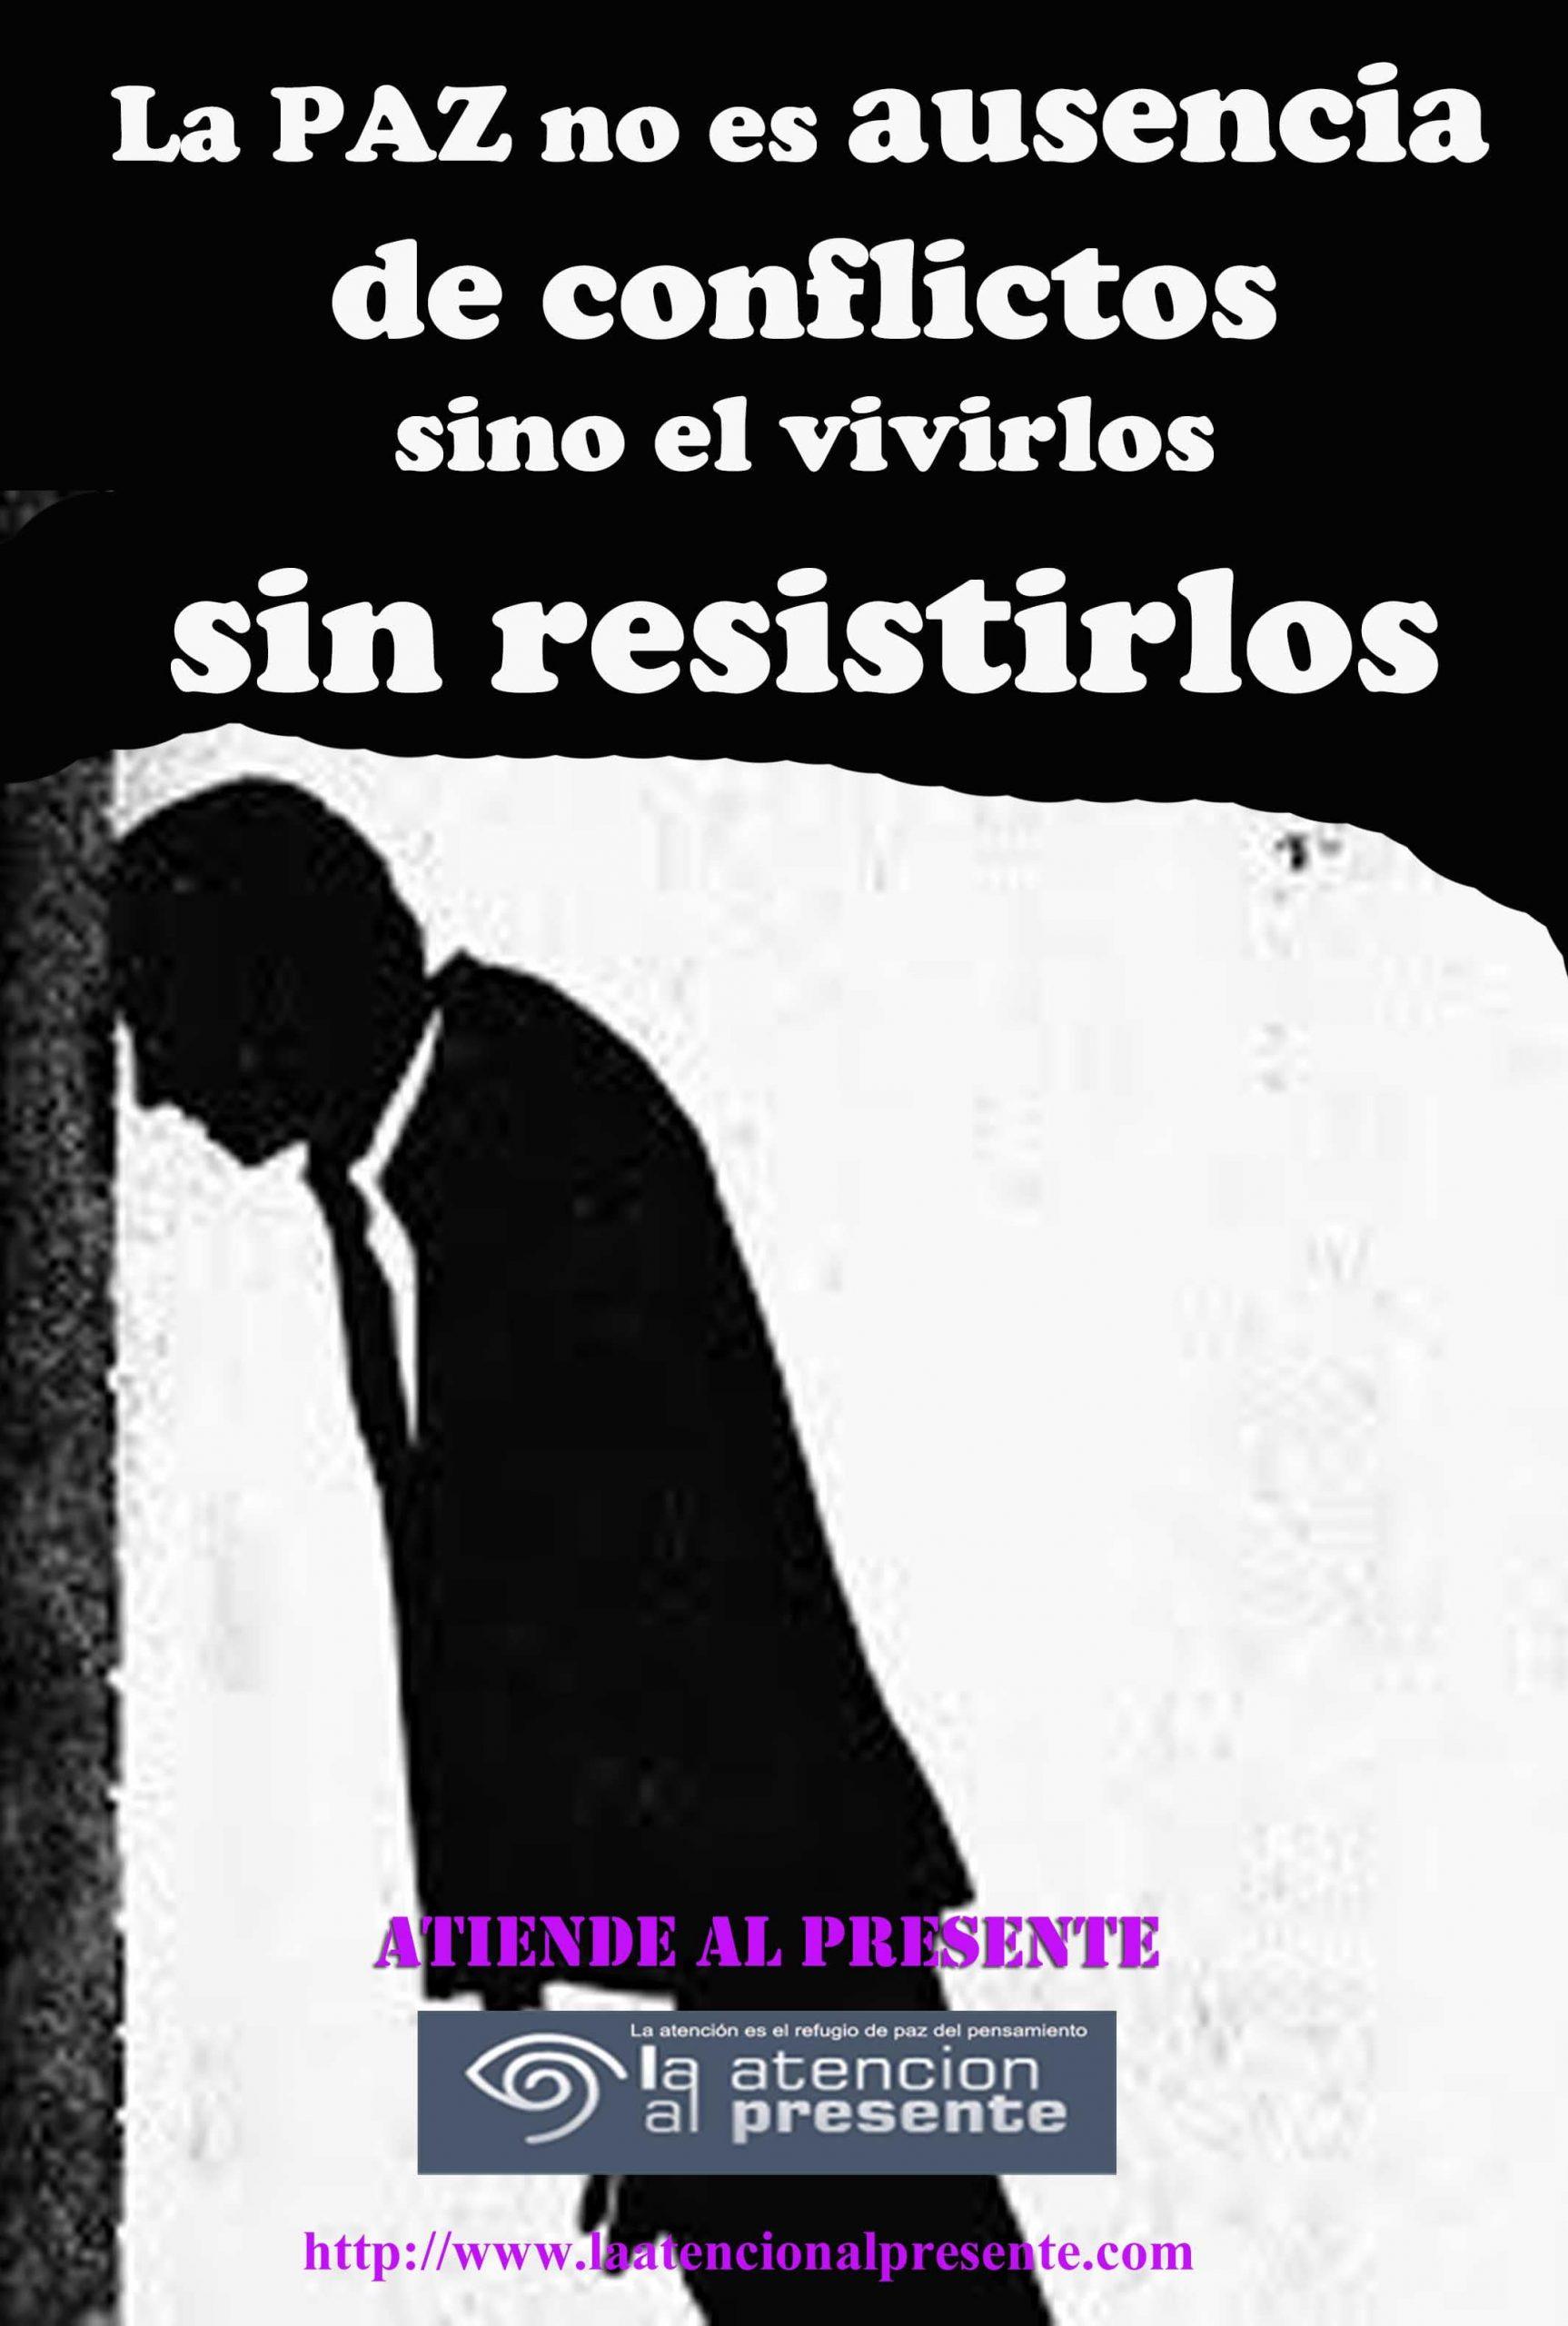 21 de febrero ISA La PAZ no es ausencia de conflictos sino el vivirlos sin resistirlos min scaled